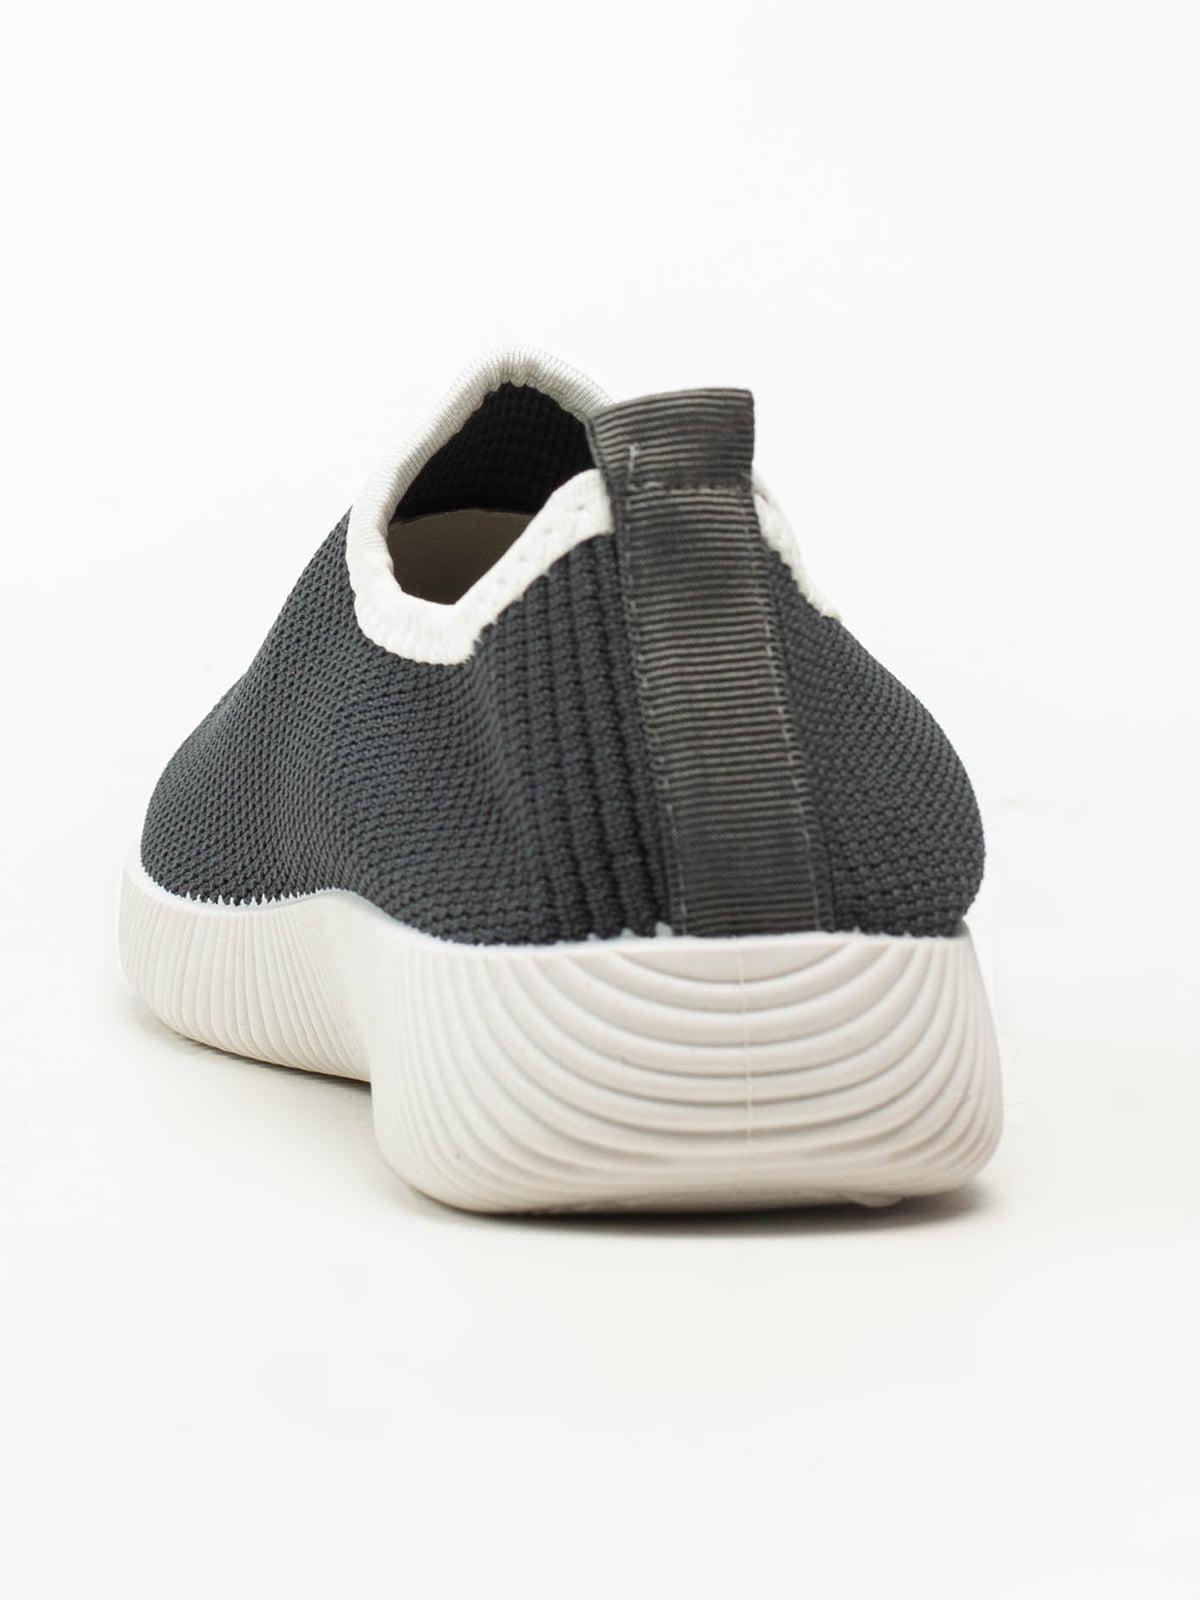 Кроссовки серые | 5105155 | фото 3